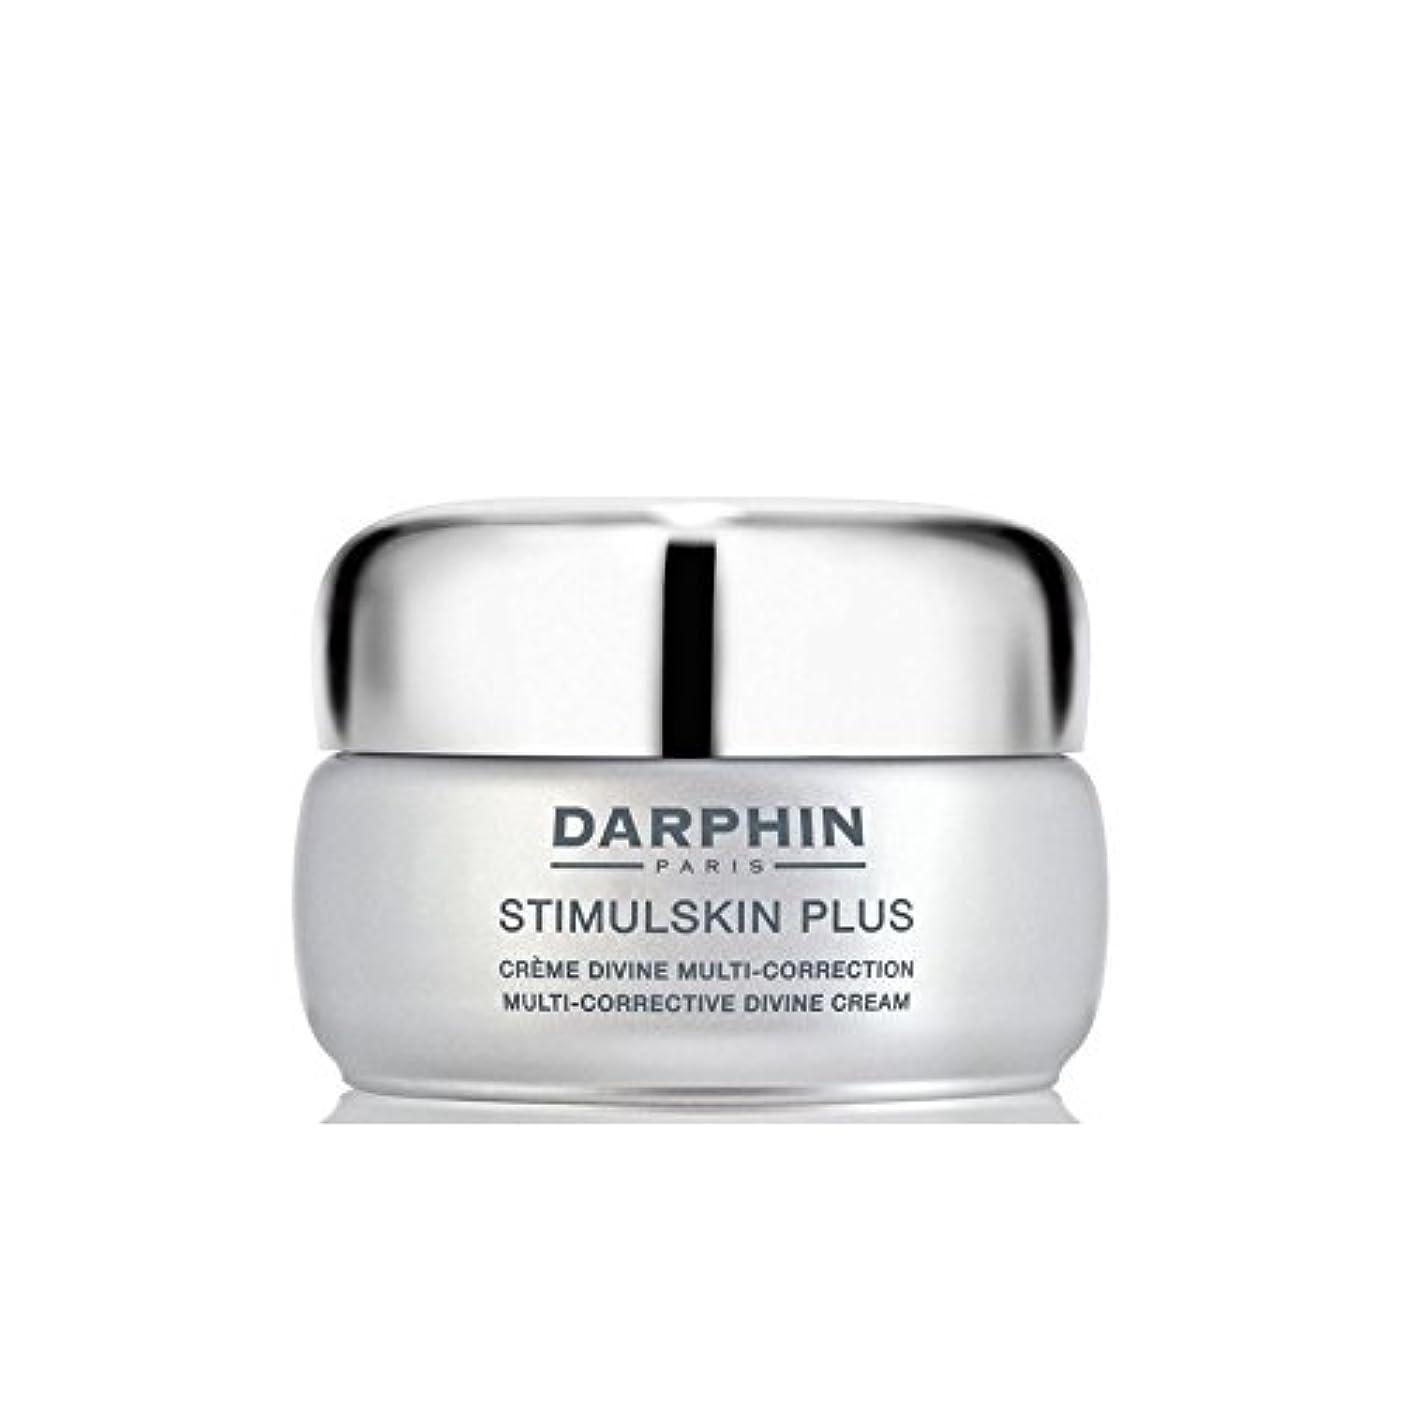 会員アルファベット順動作ダルファンスティプラスマルチ是正神クリーム - 豊富 x2 - Darphin Stimulskin Plus Multi-Corrective Divine Cream - Rich (Pack of 2) [並行輸入品]